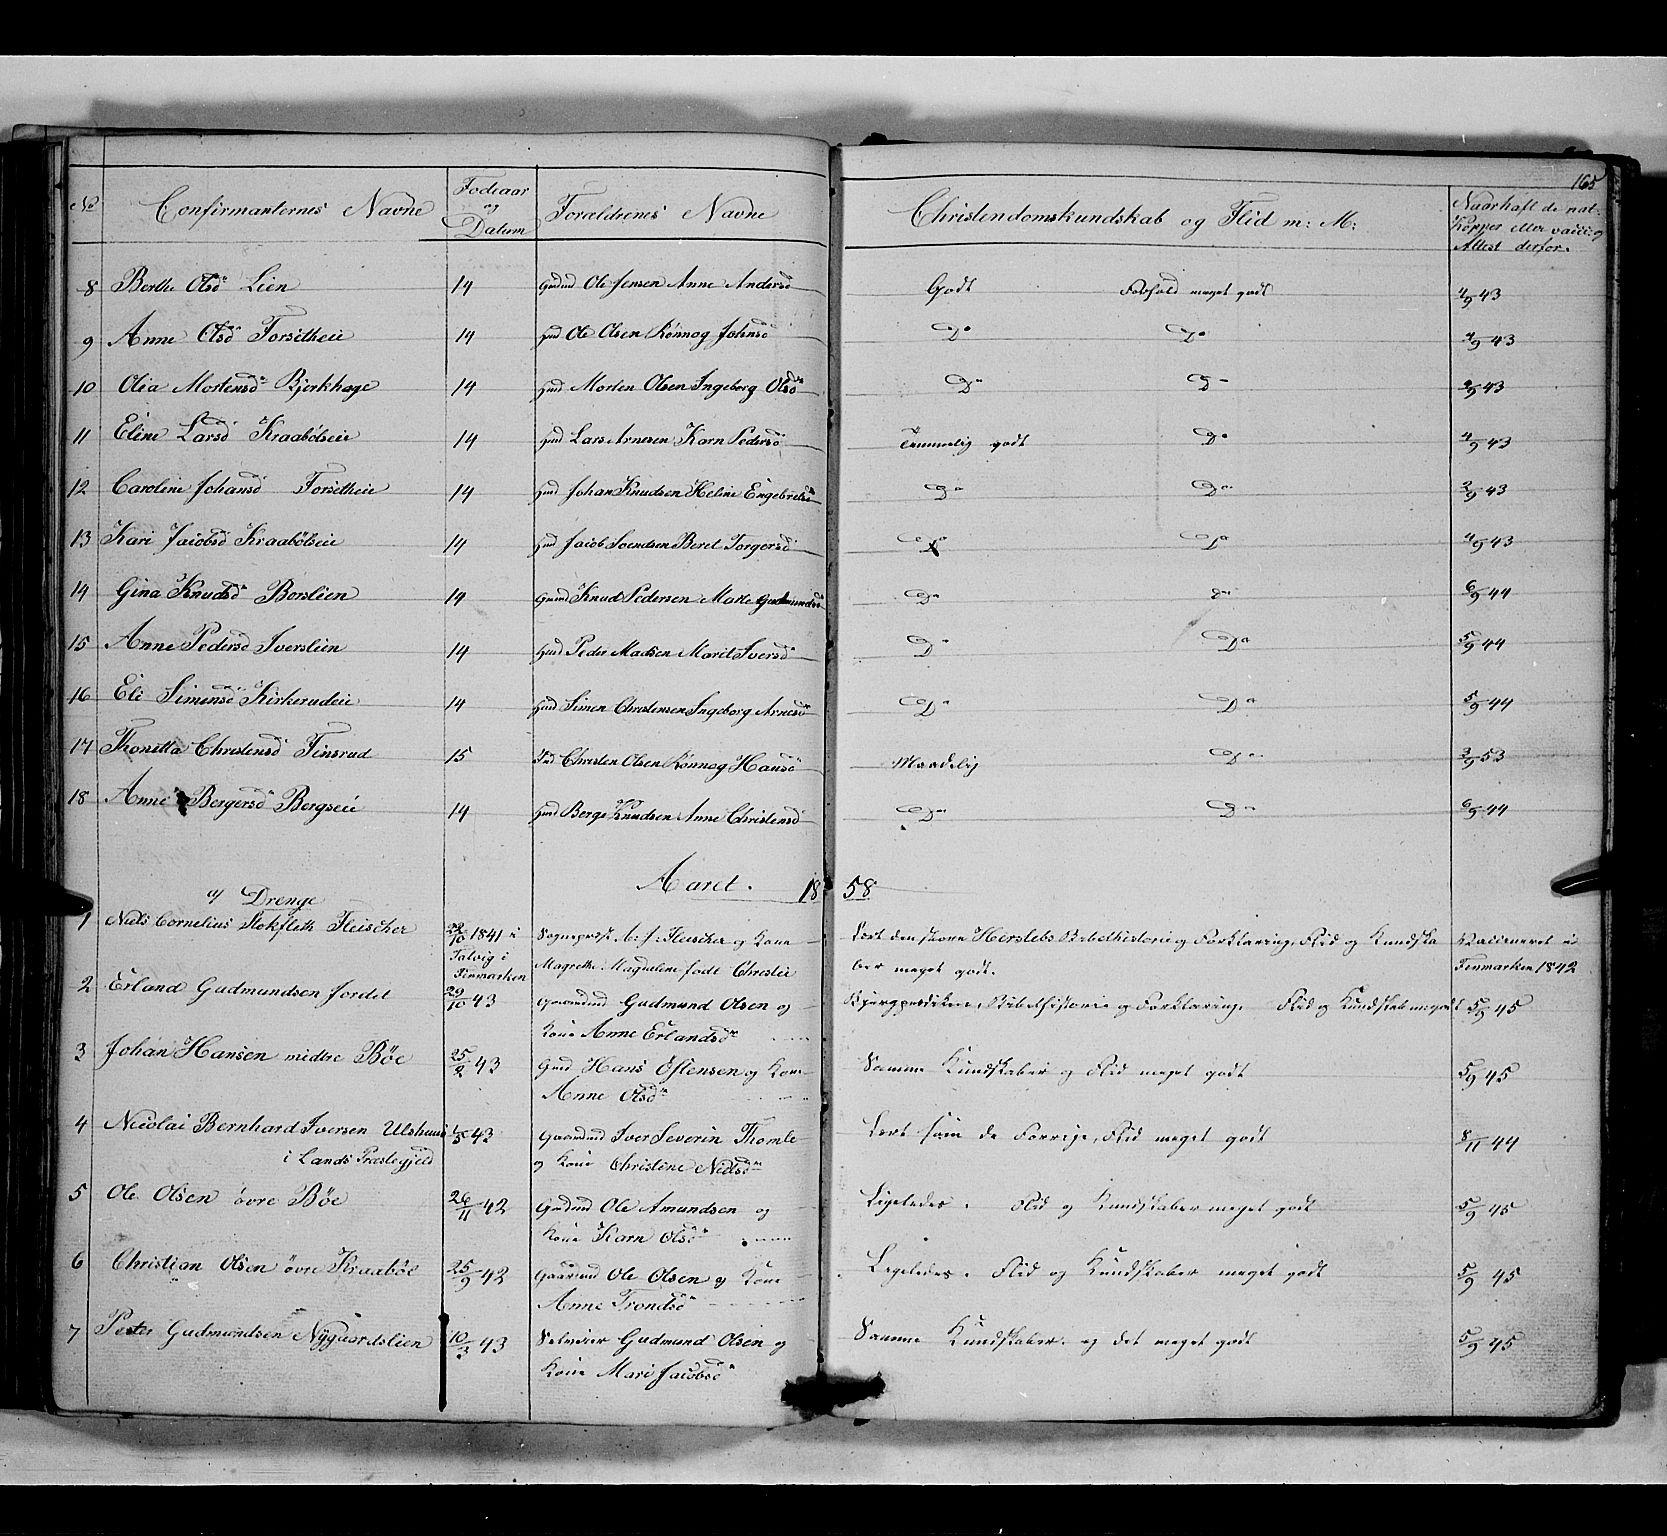 SAH, Gausdal prestekontor, Klokkerbok nr. 5, 1846-1867, s. 165